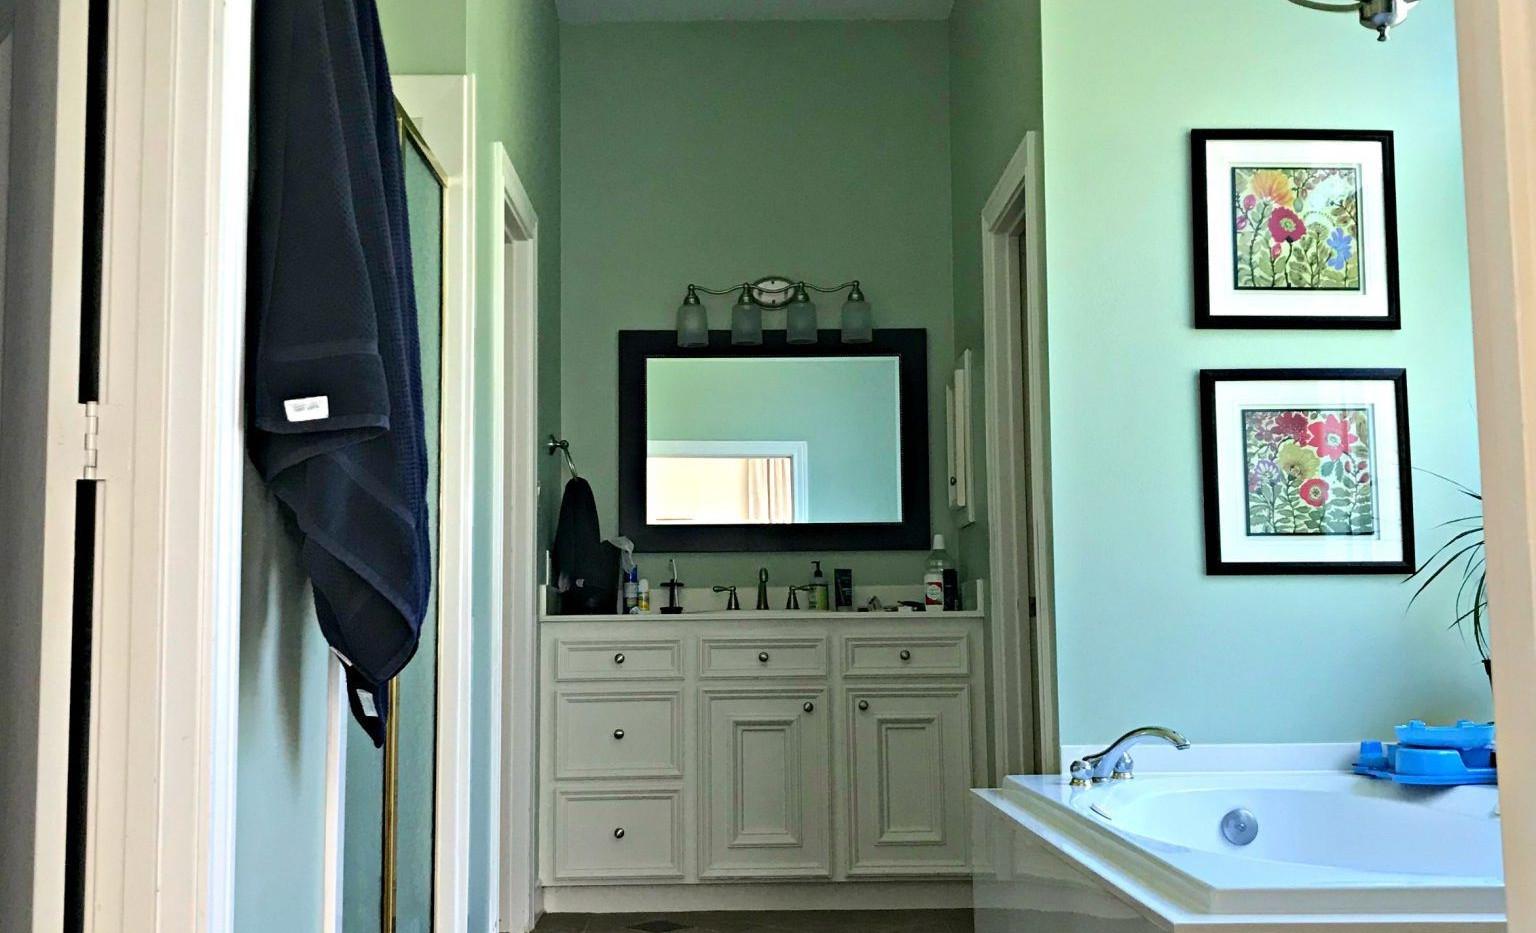 Bathroom Remodeling - BEFORE